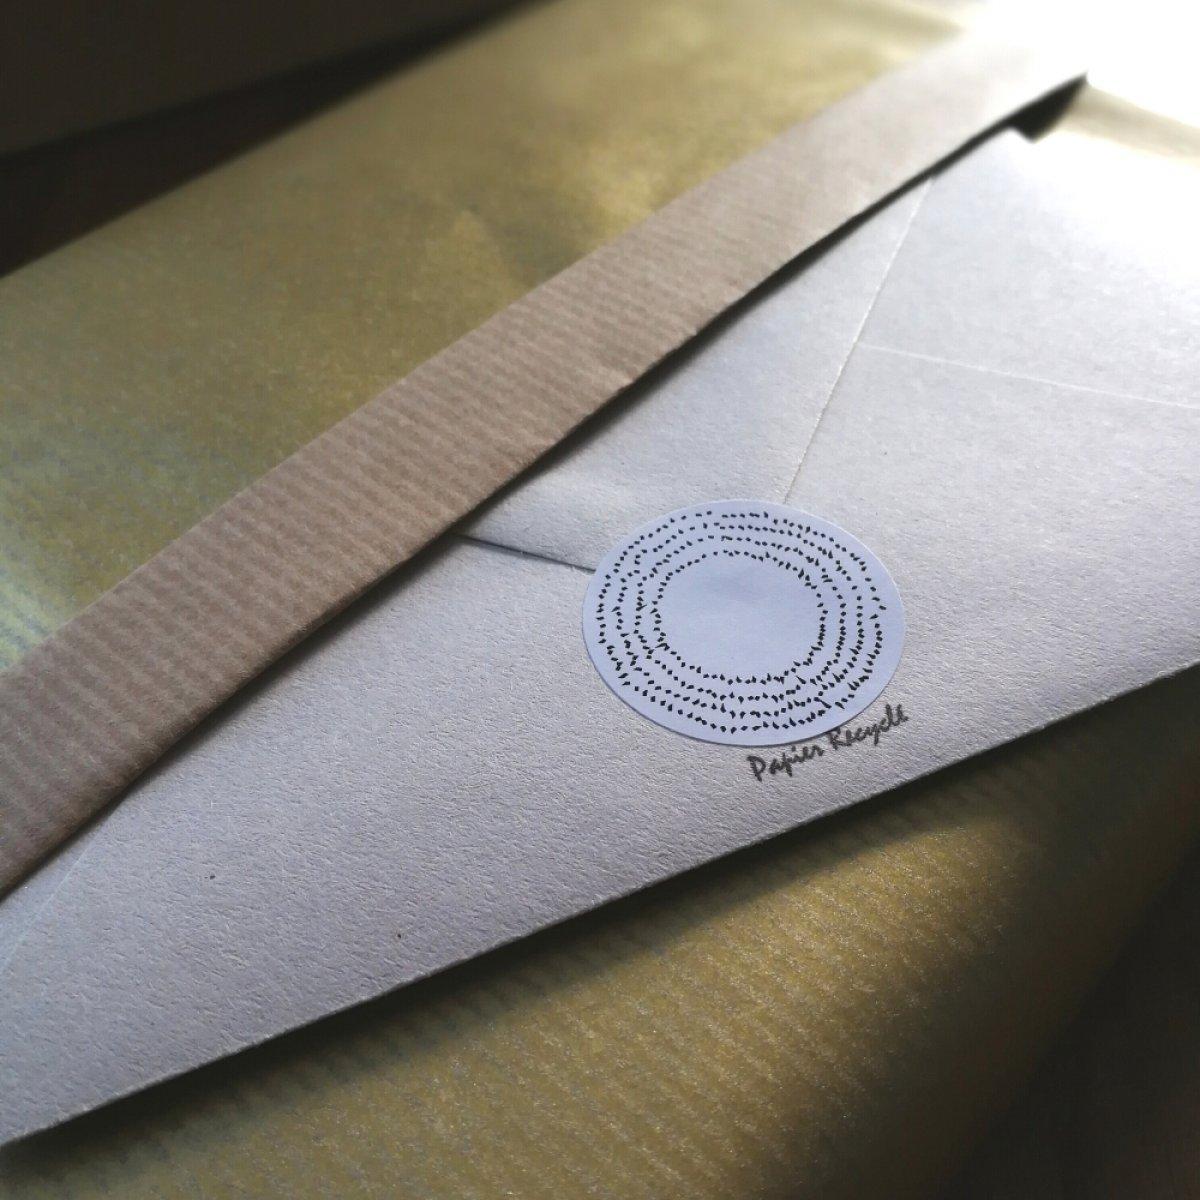 Les papiers utilisés pour les emballages, les enveloppes et les bagues des lots Abcdarium de Jonathan Gowthorpe par exemple.